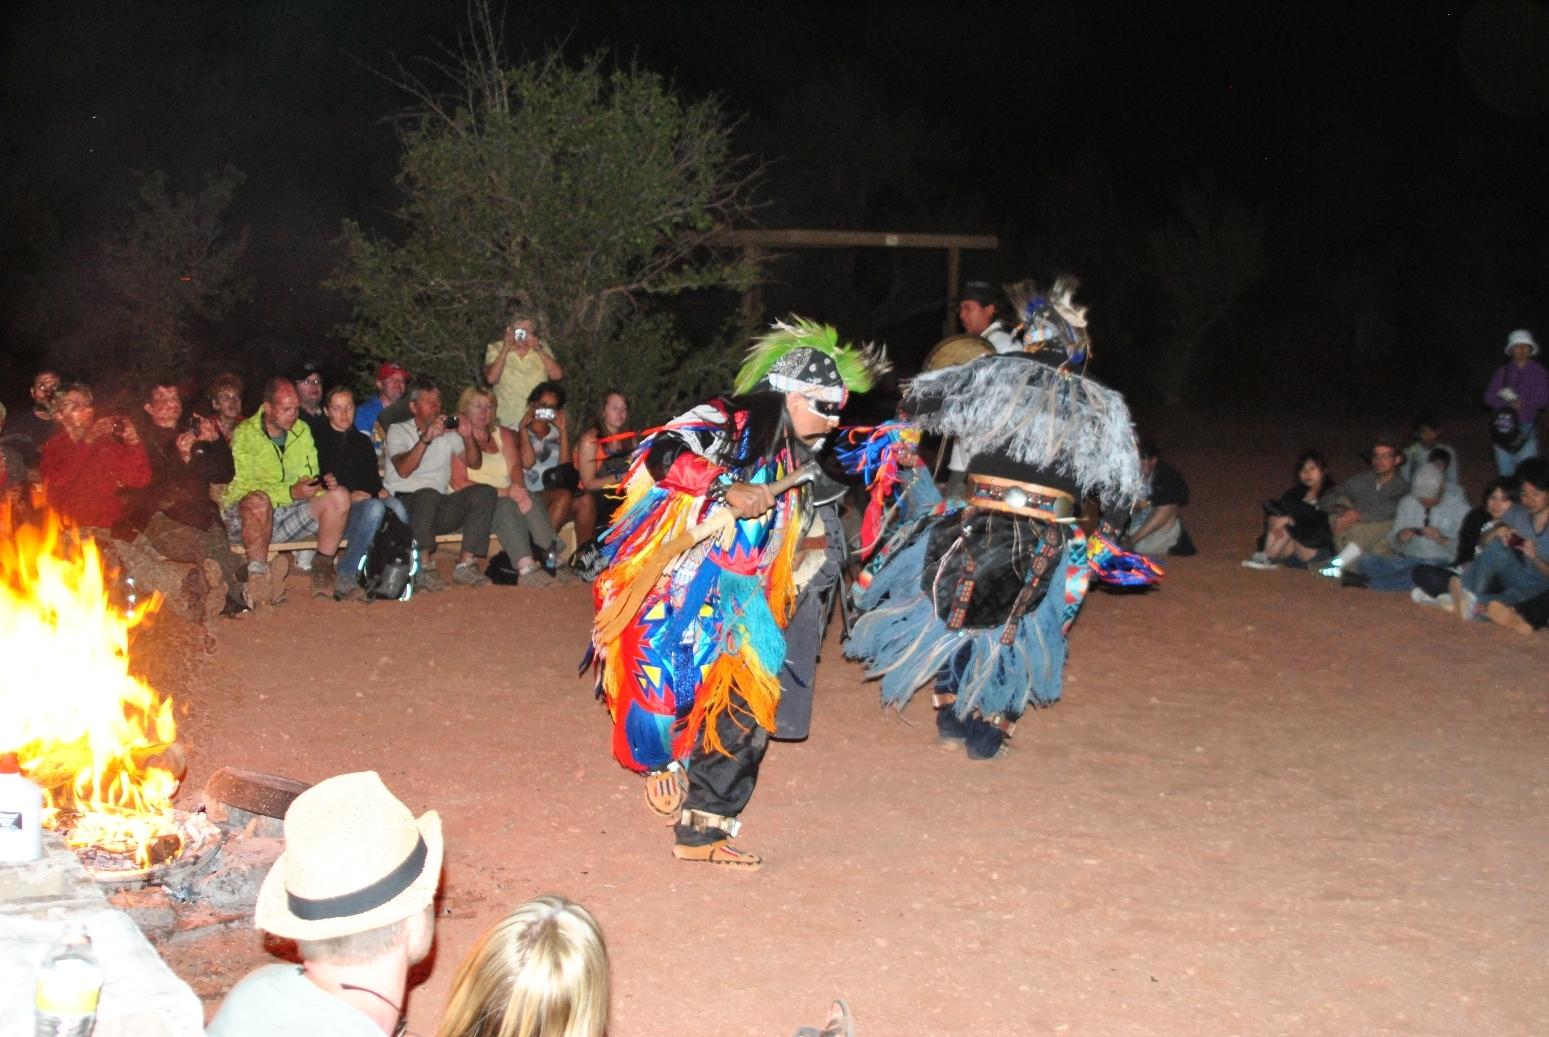 ナバホ族による歌、音楽、踊り